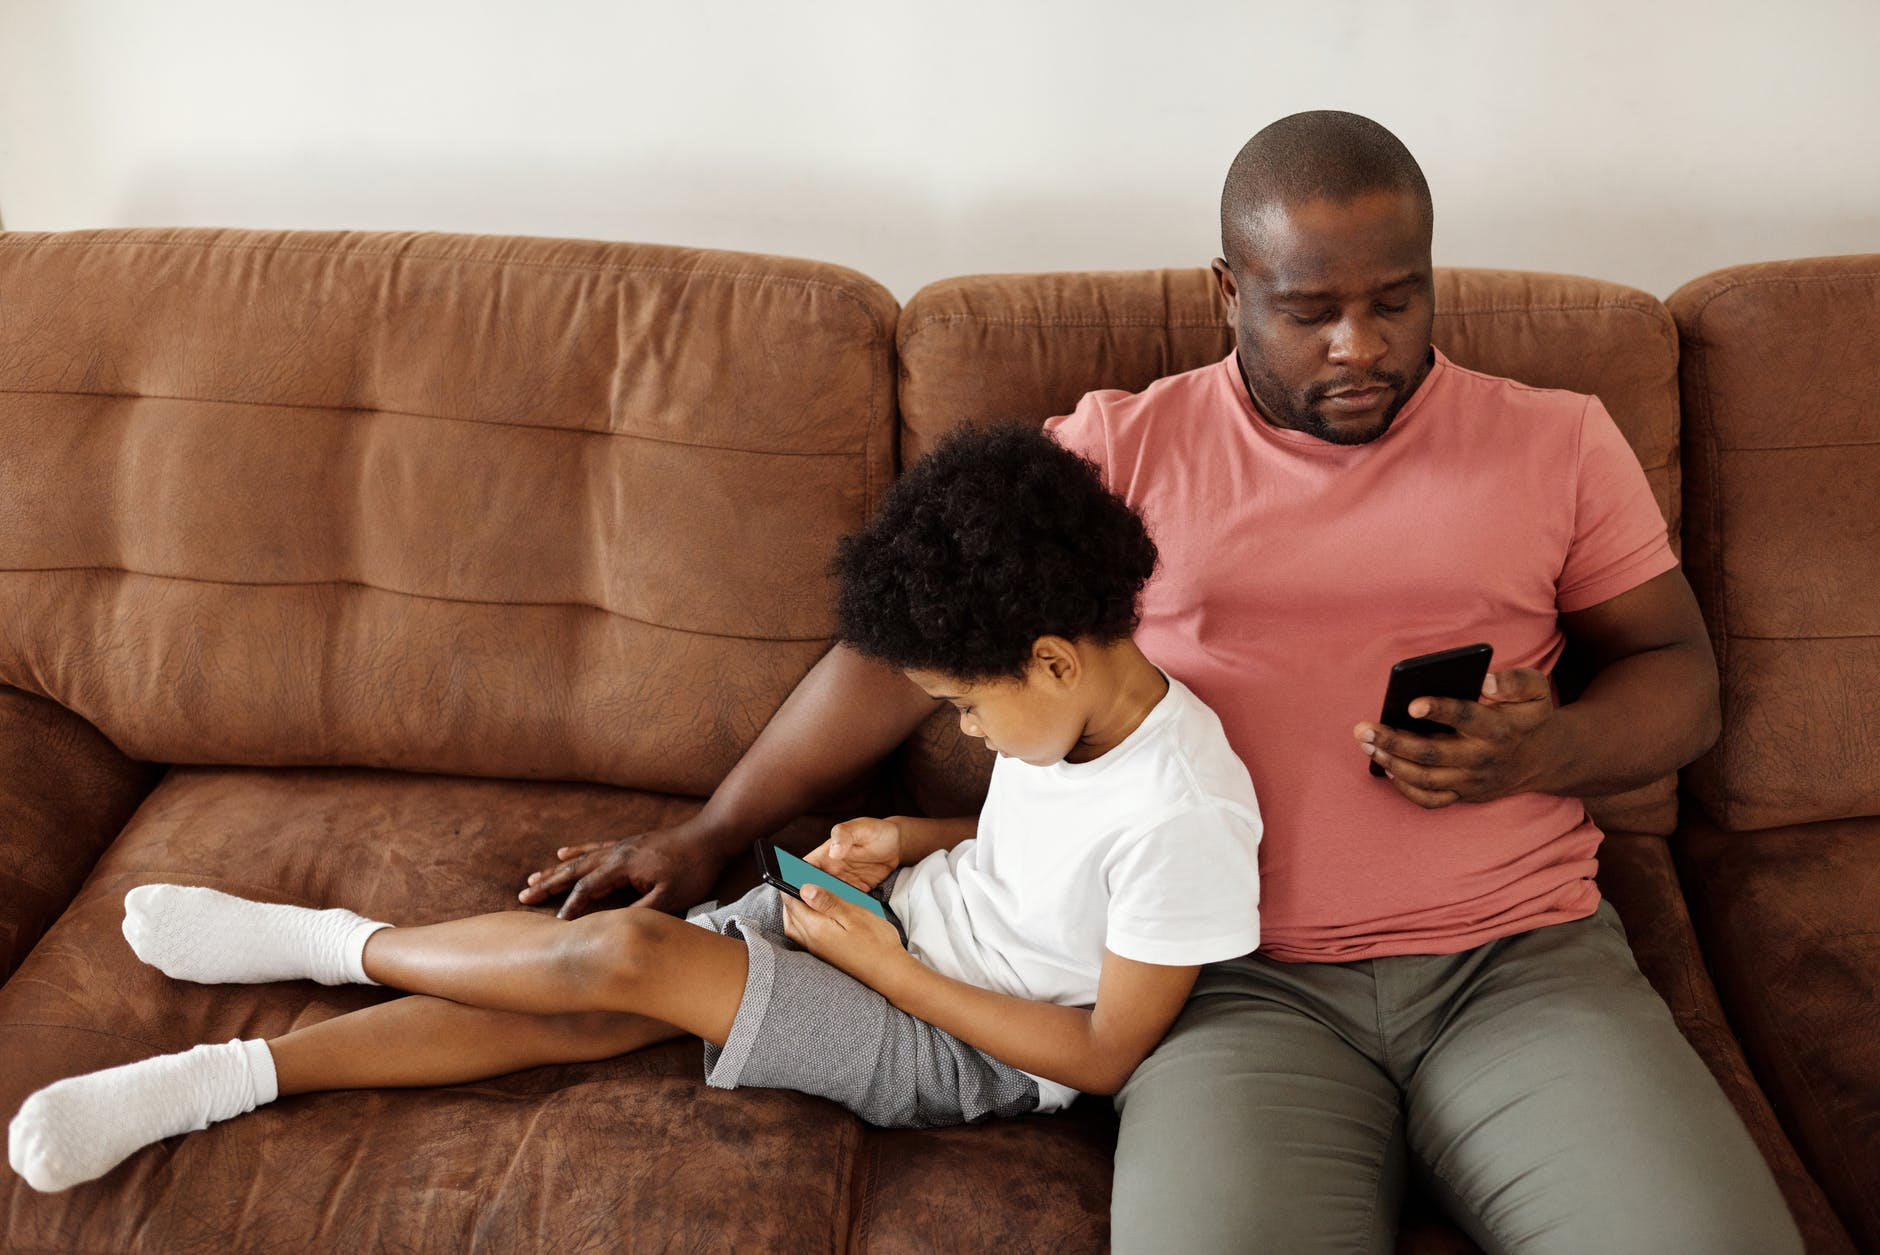 homme enfant canapé smartphone